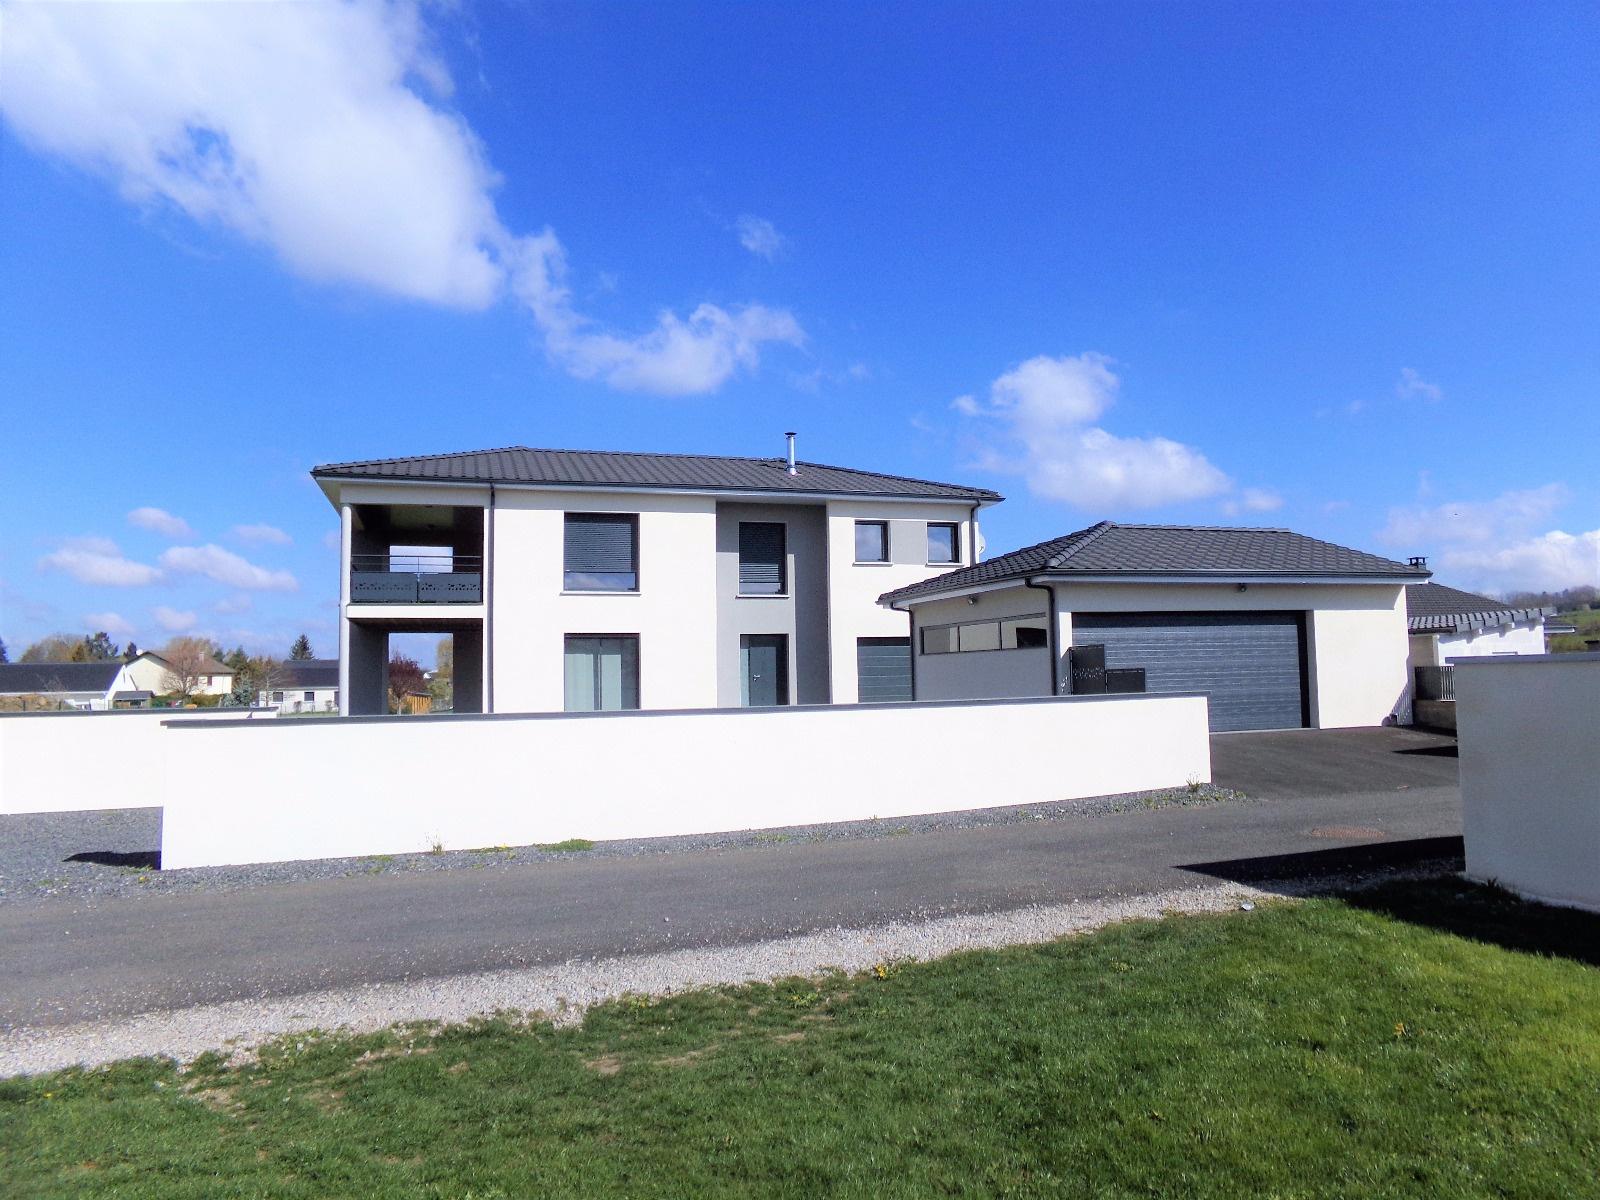 Offres de vente Maison / Villa Olby 63210